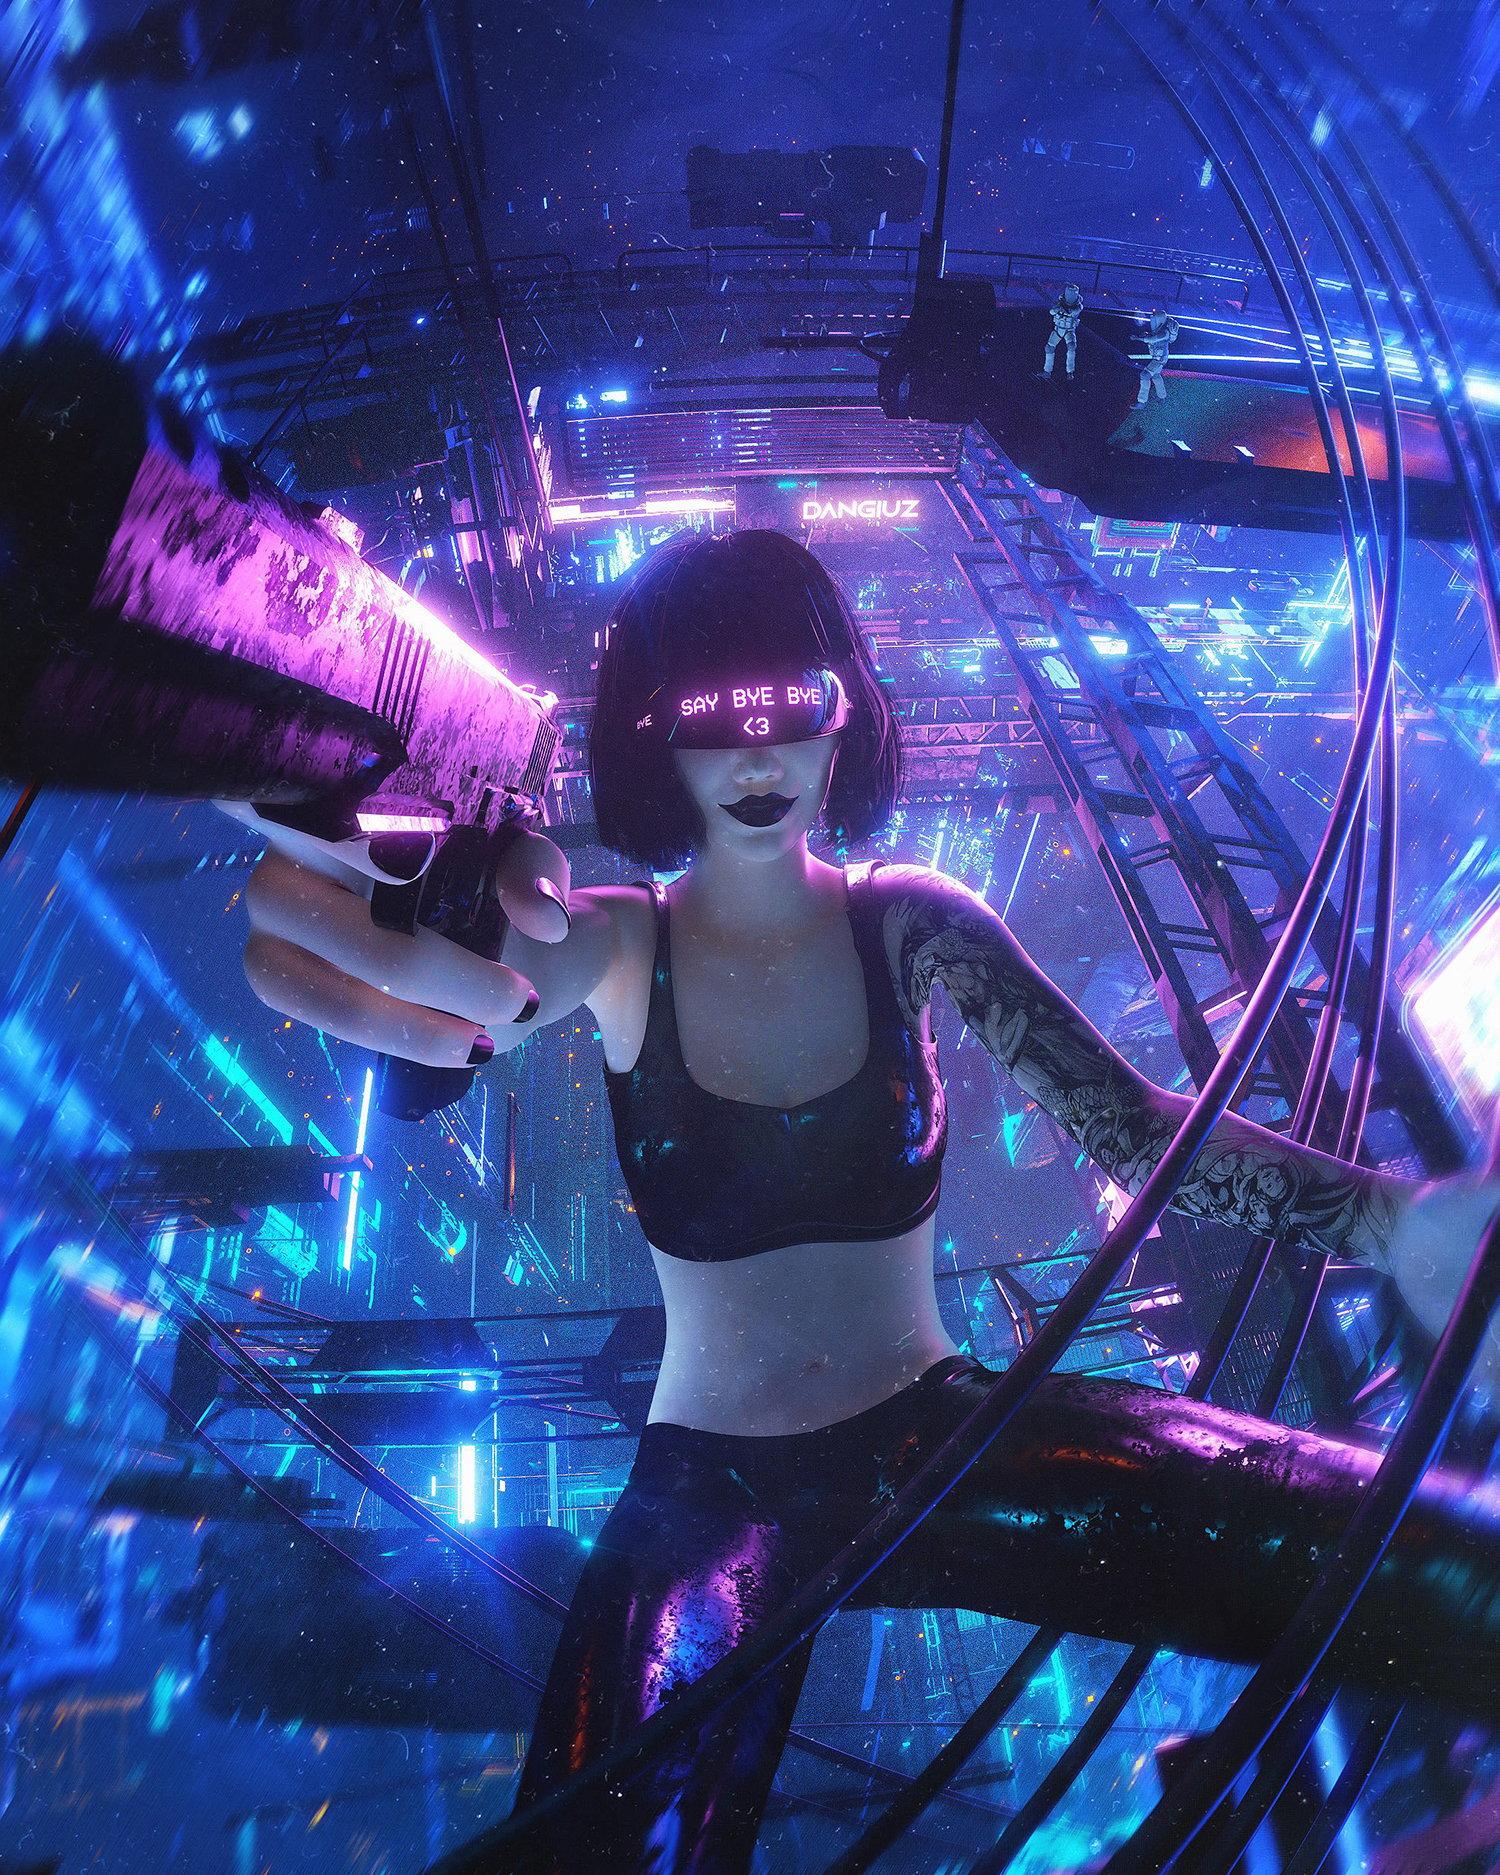 female fetale cyberpunk digital world by Dangiuz / Leopoldo D'Angelo